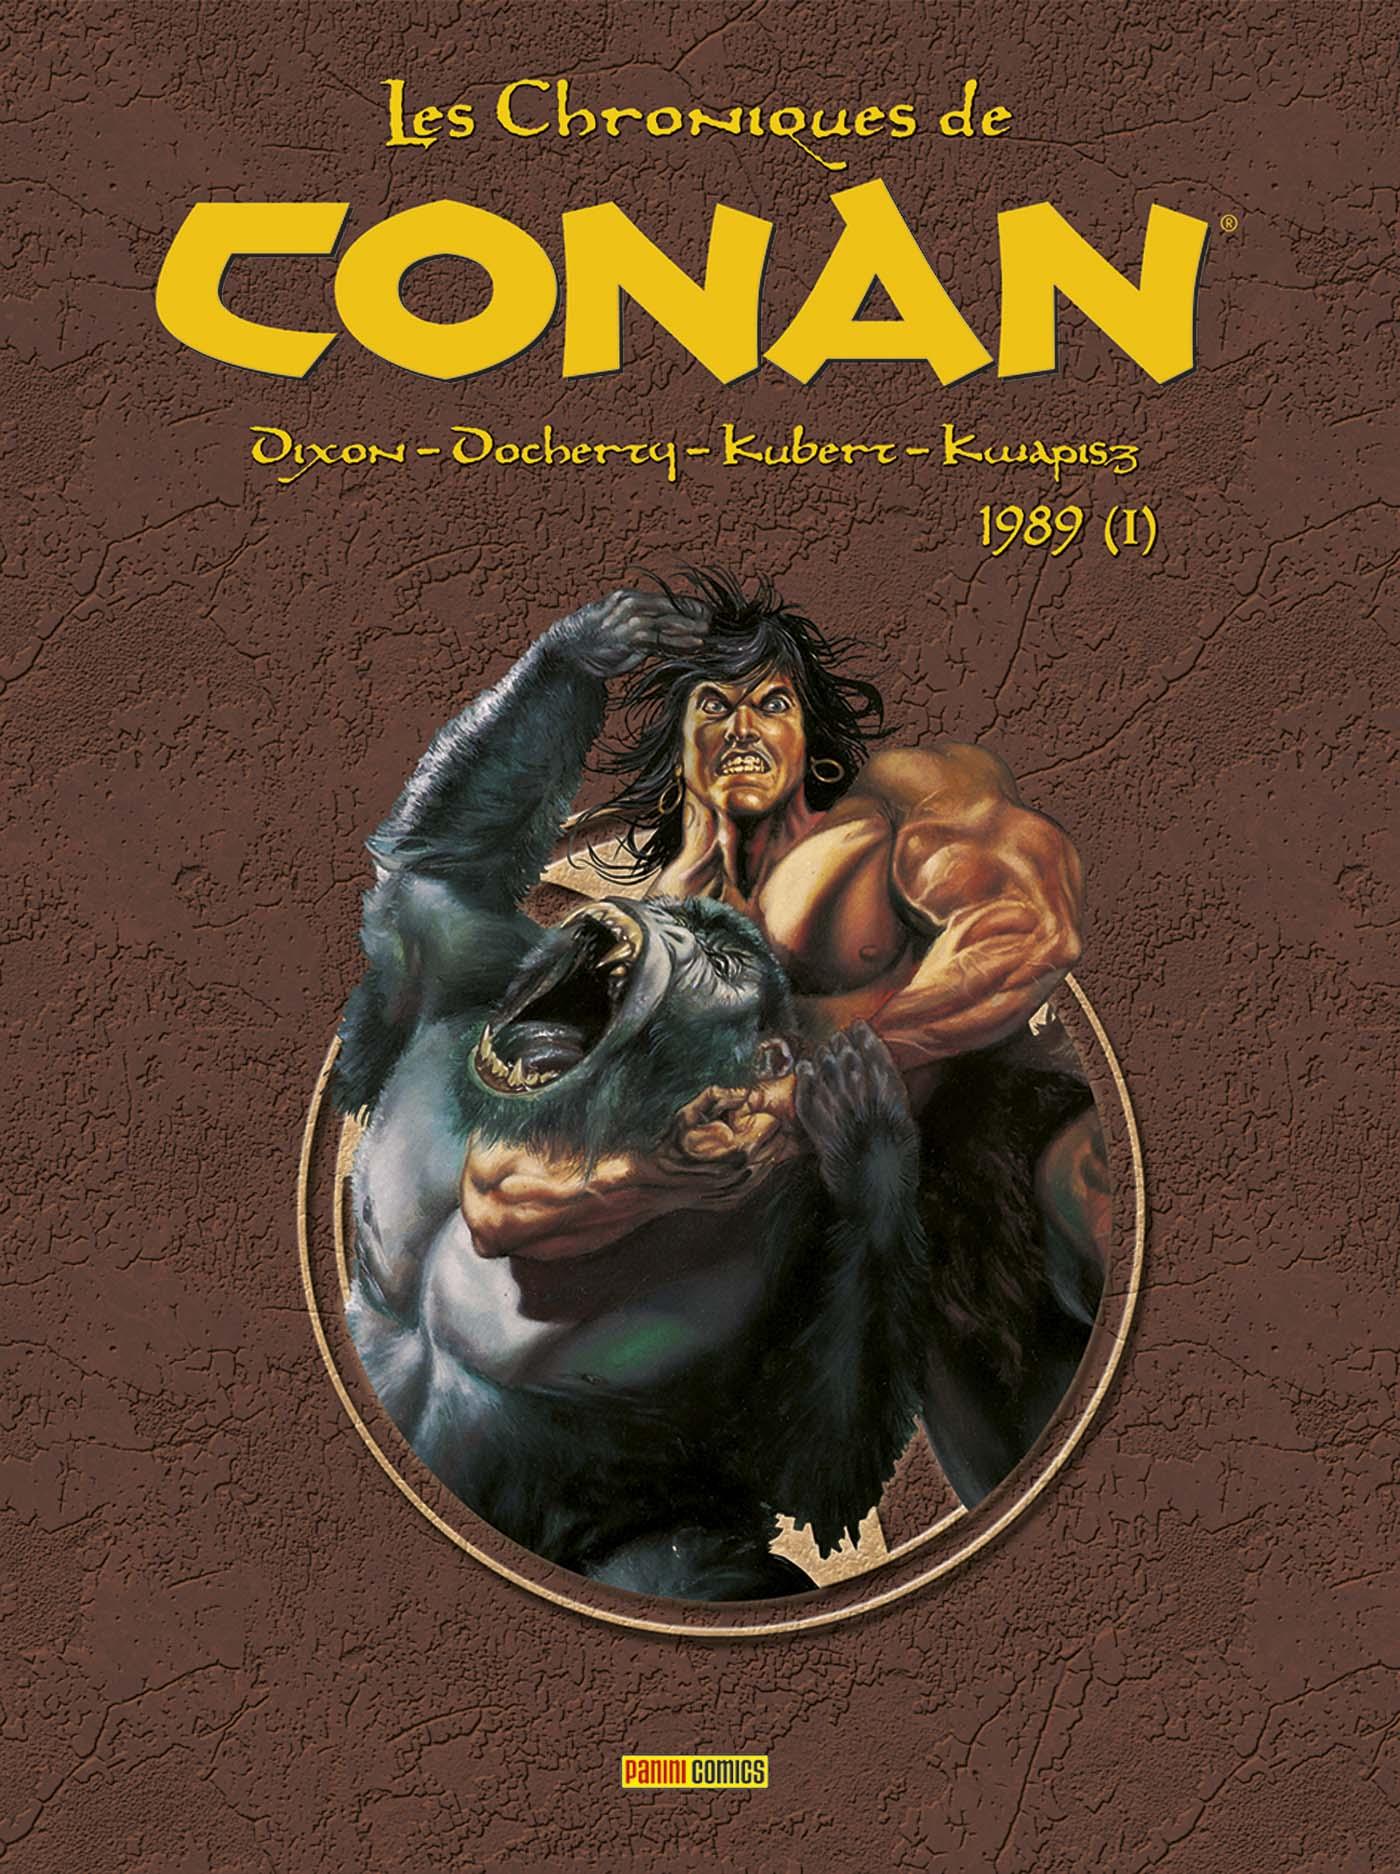 Les Chroniques de Conan 1989.1 - 1989 (I)